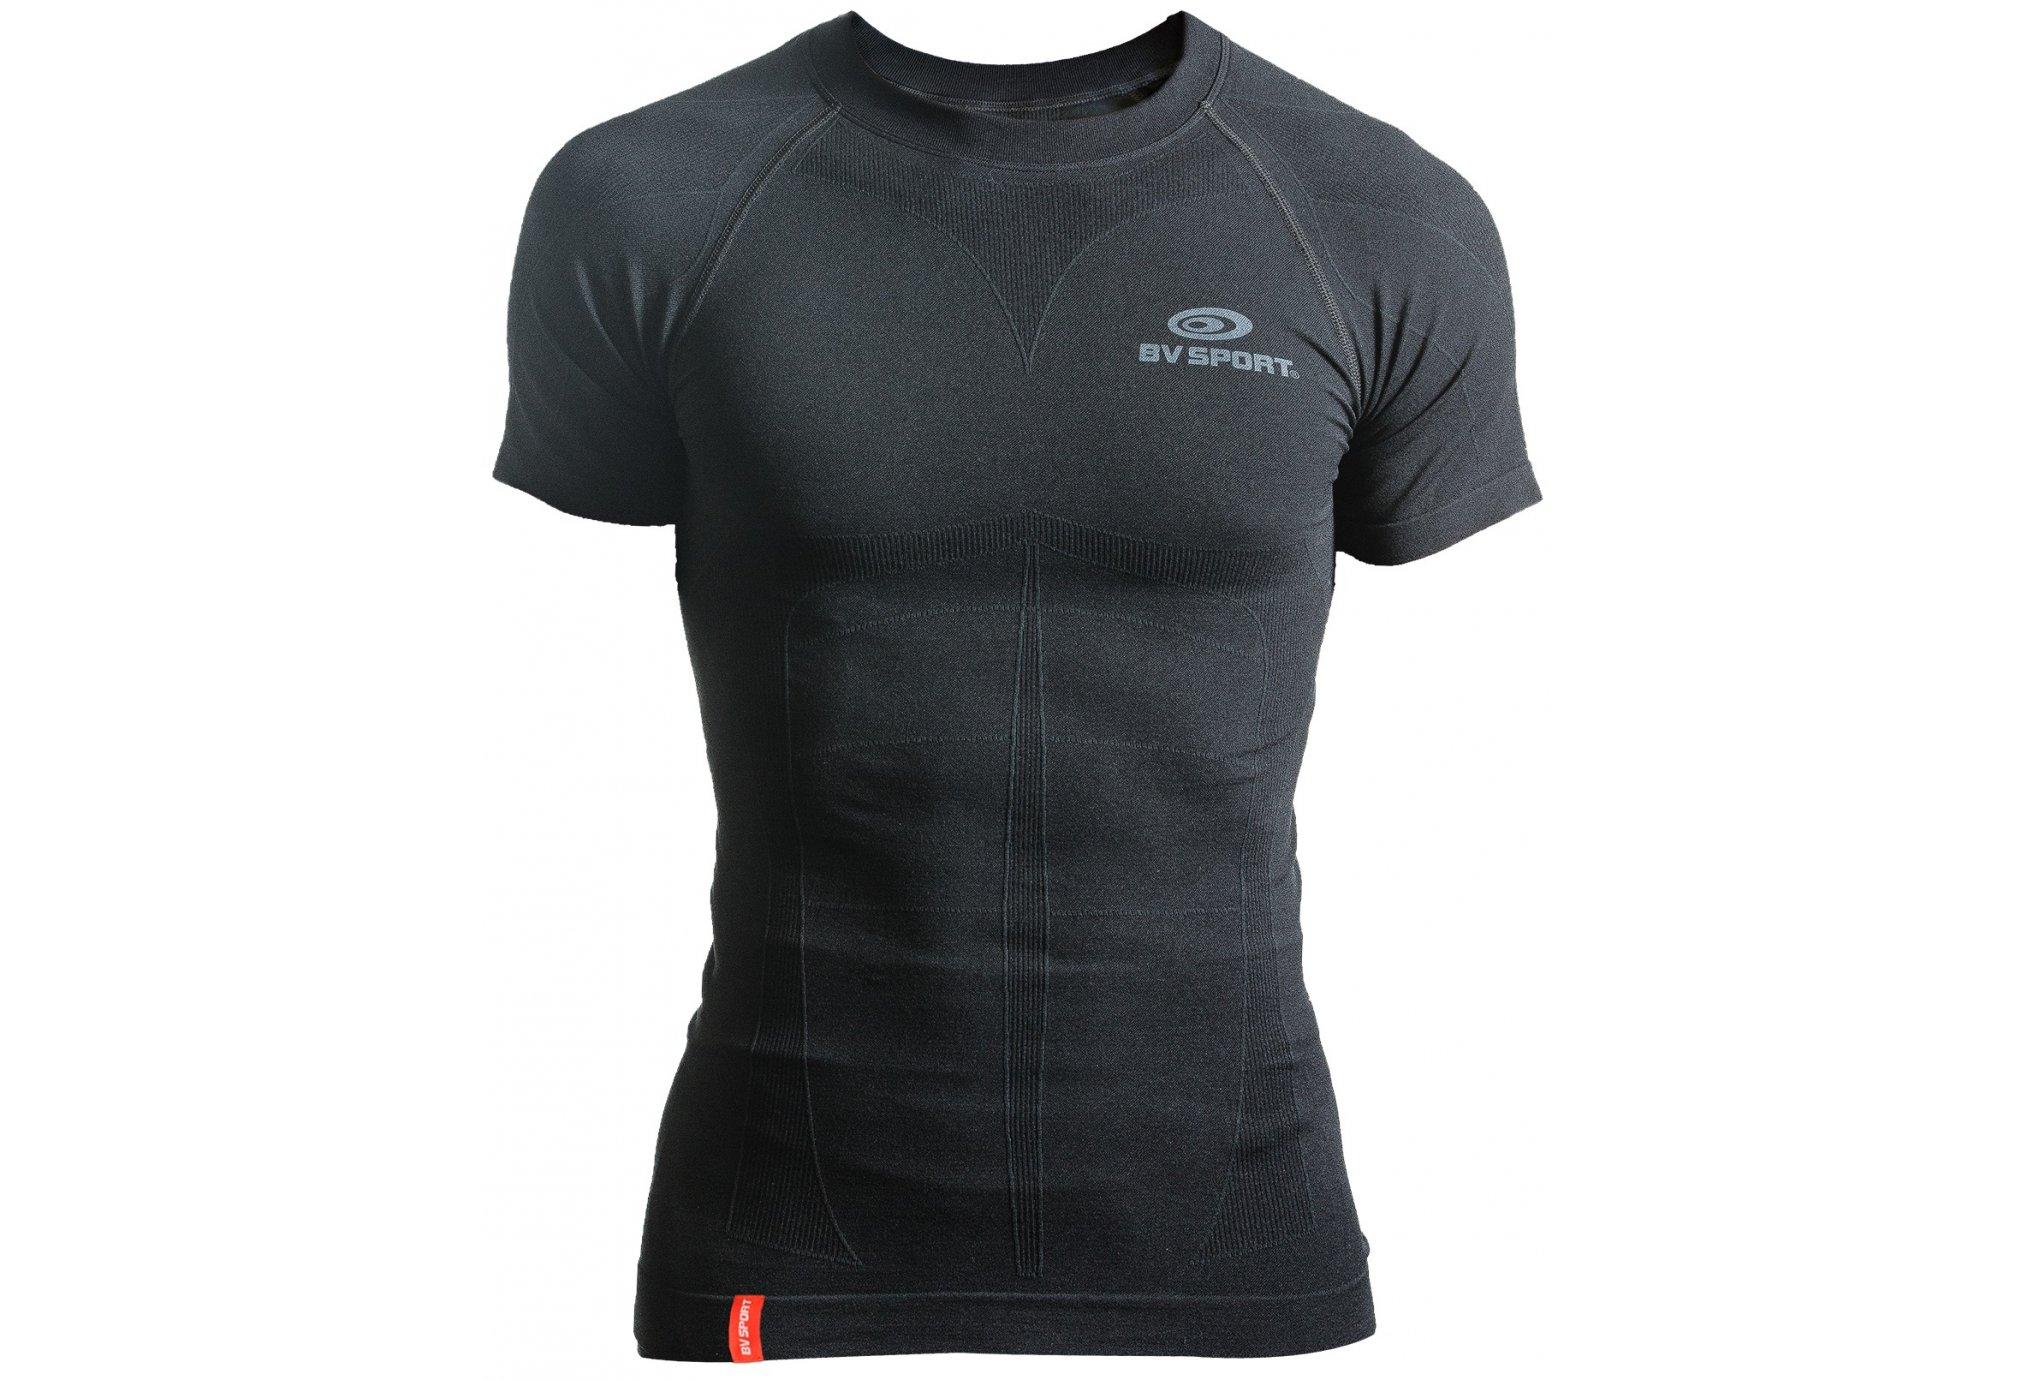 Bv Sport technique skael m vêtement running homme